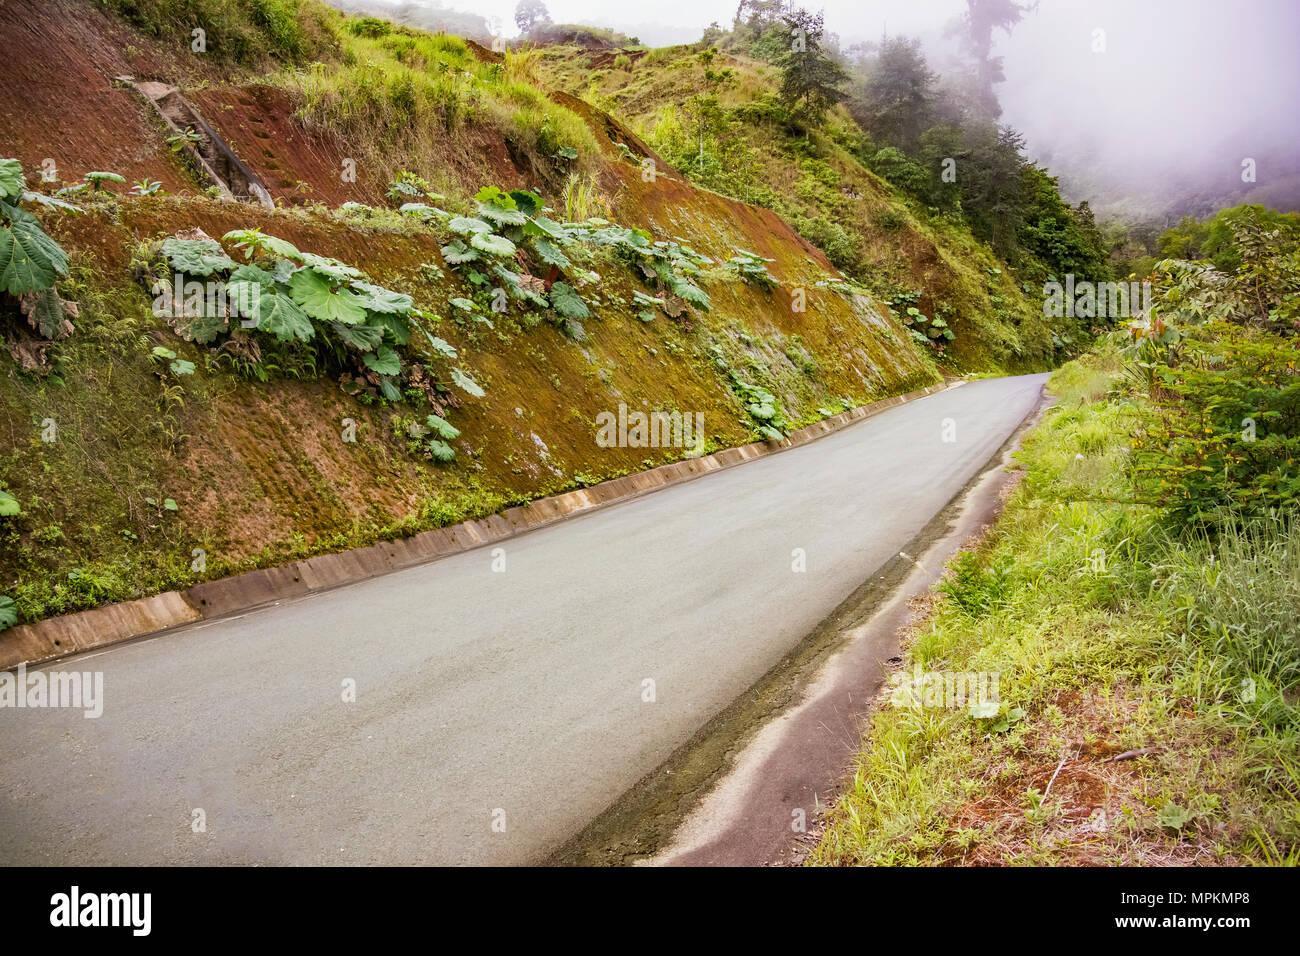 Vista pittoresca presso la strada 126 vicino a China nella provincia di Alajuela in Costa Rica. Immagini Stock